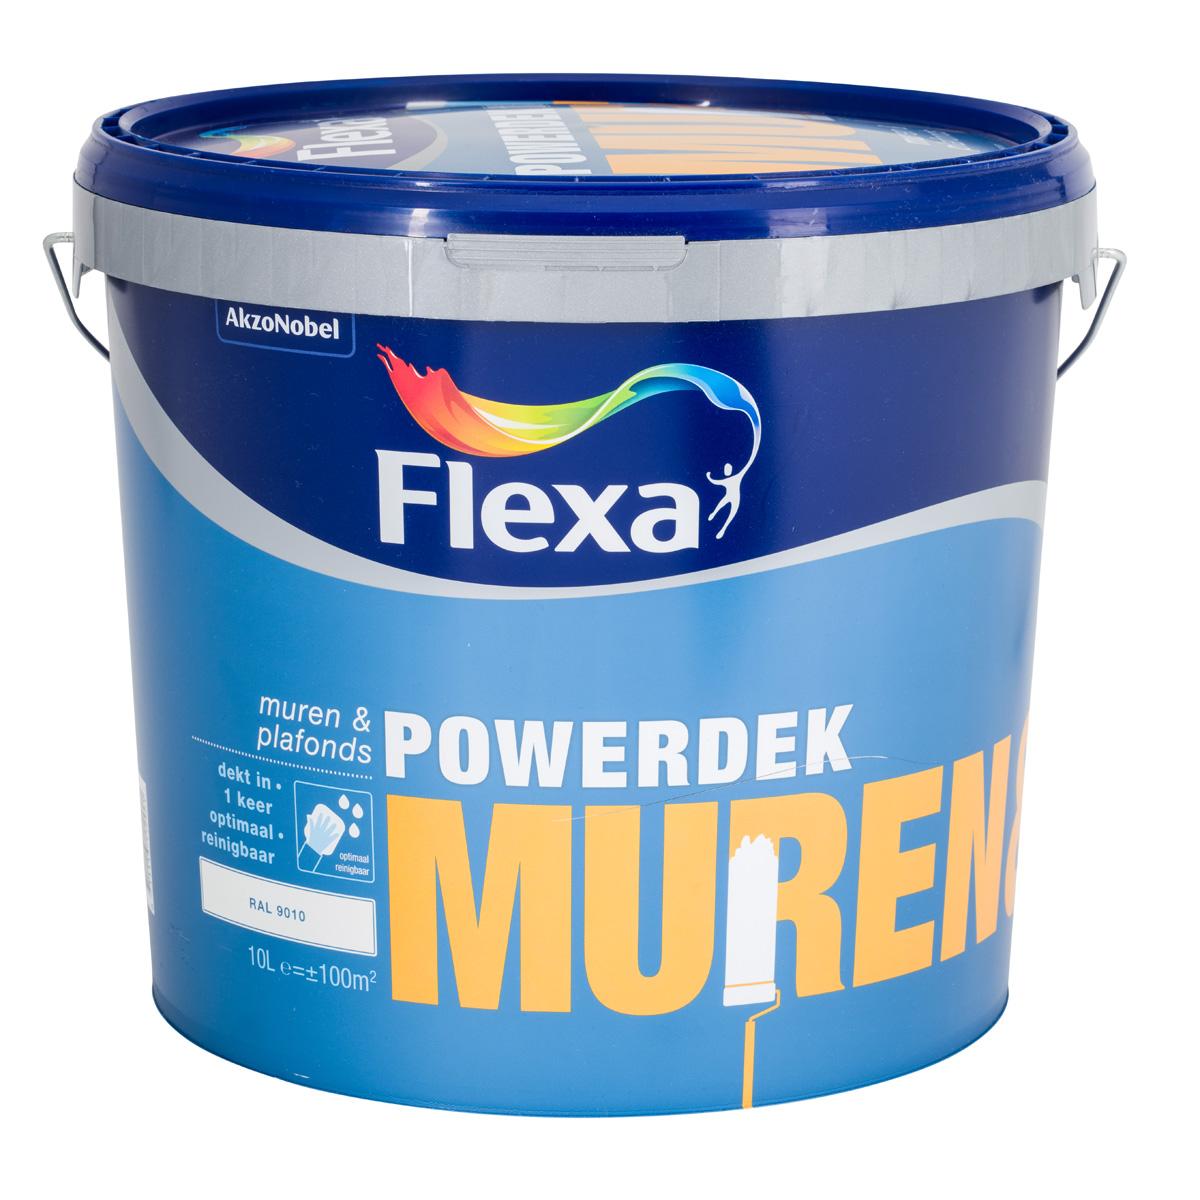 Flexa Powerdek Muren en Plafonds 10L